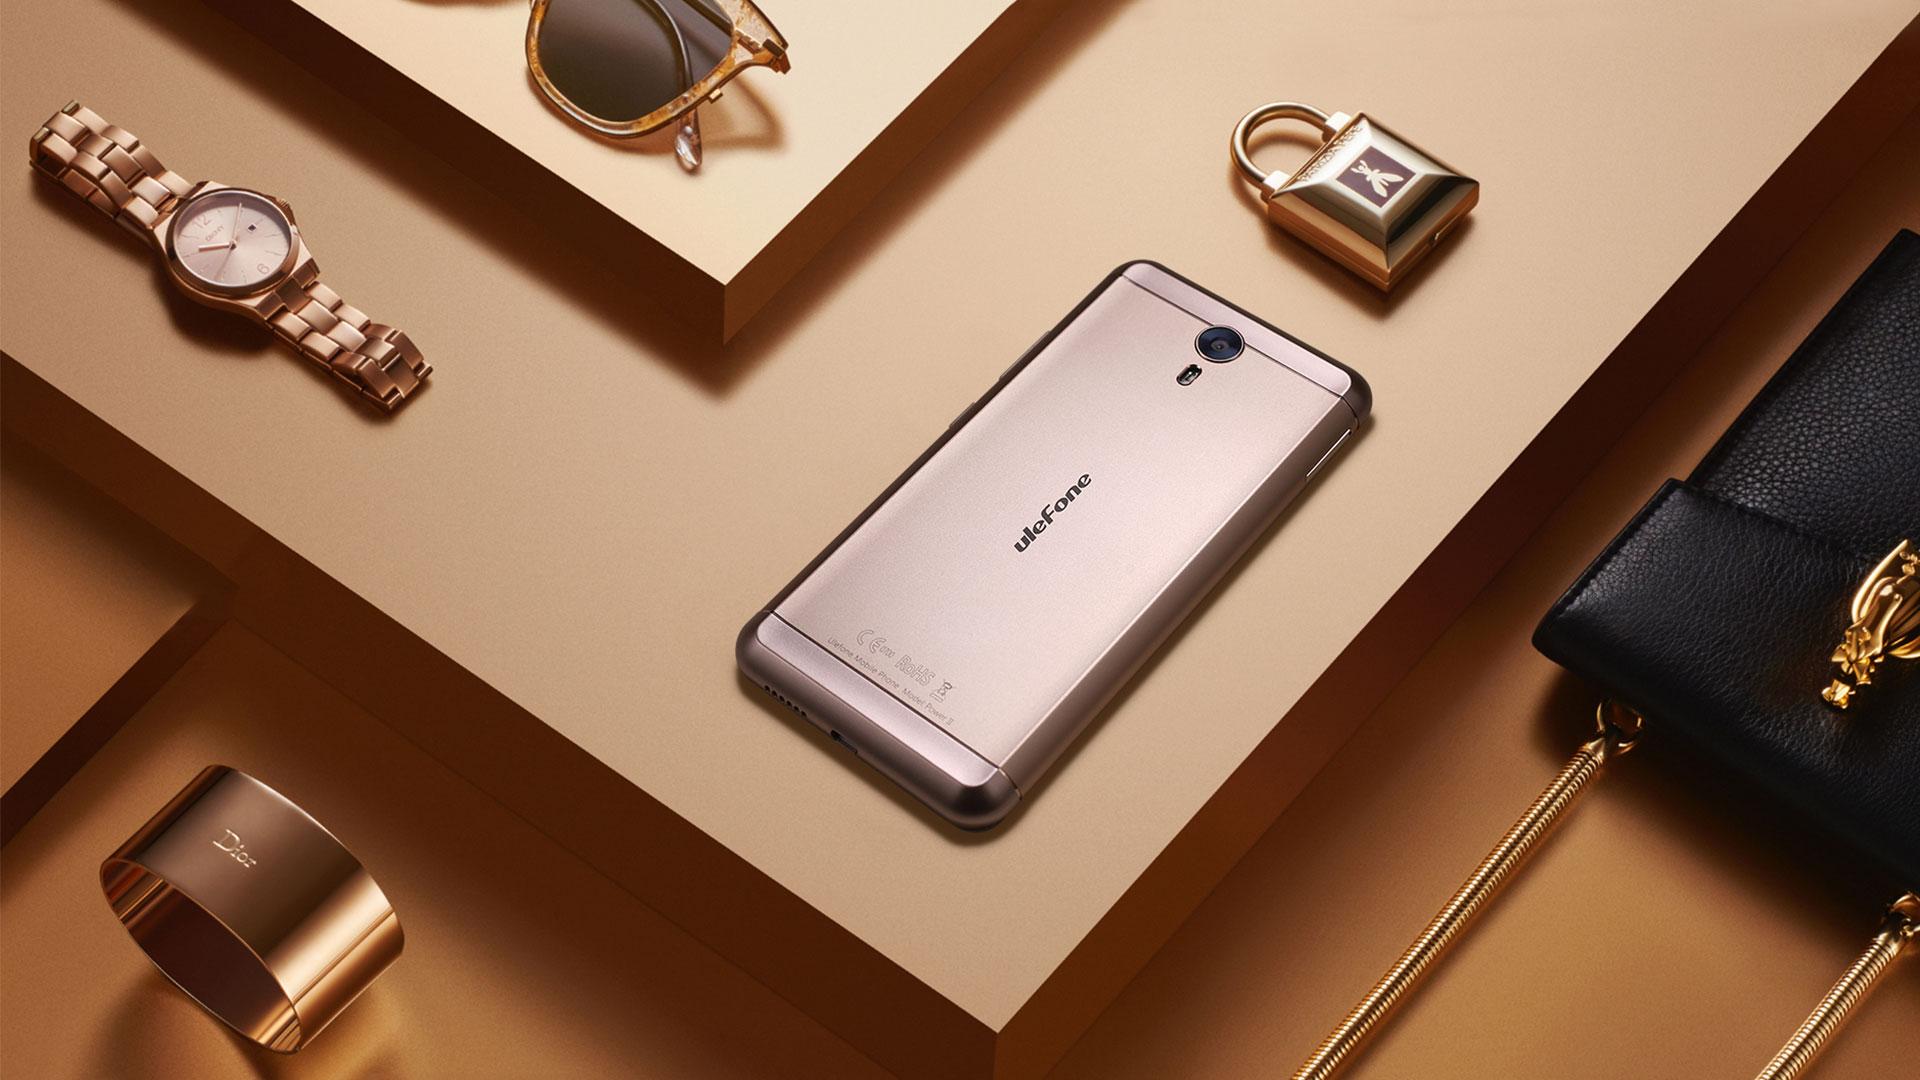 Смартфон Ulefone Power 2 получил батарею на 6050 мАч